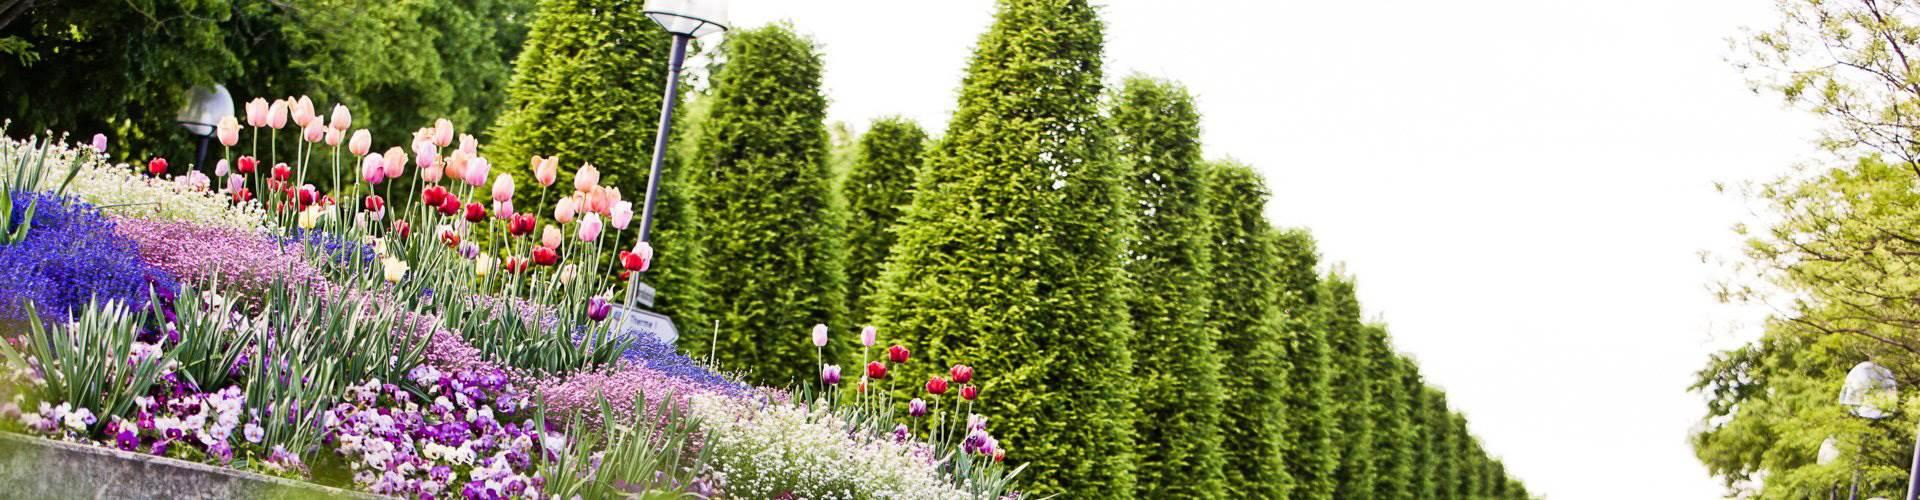 Blumenbeet und Bäume im Detail